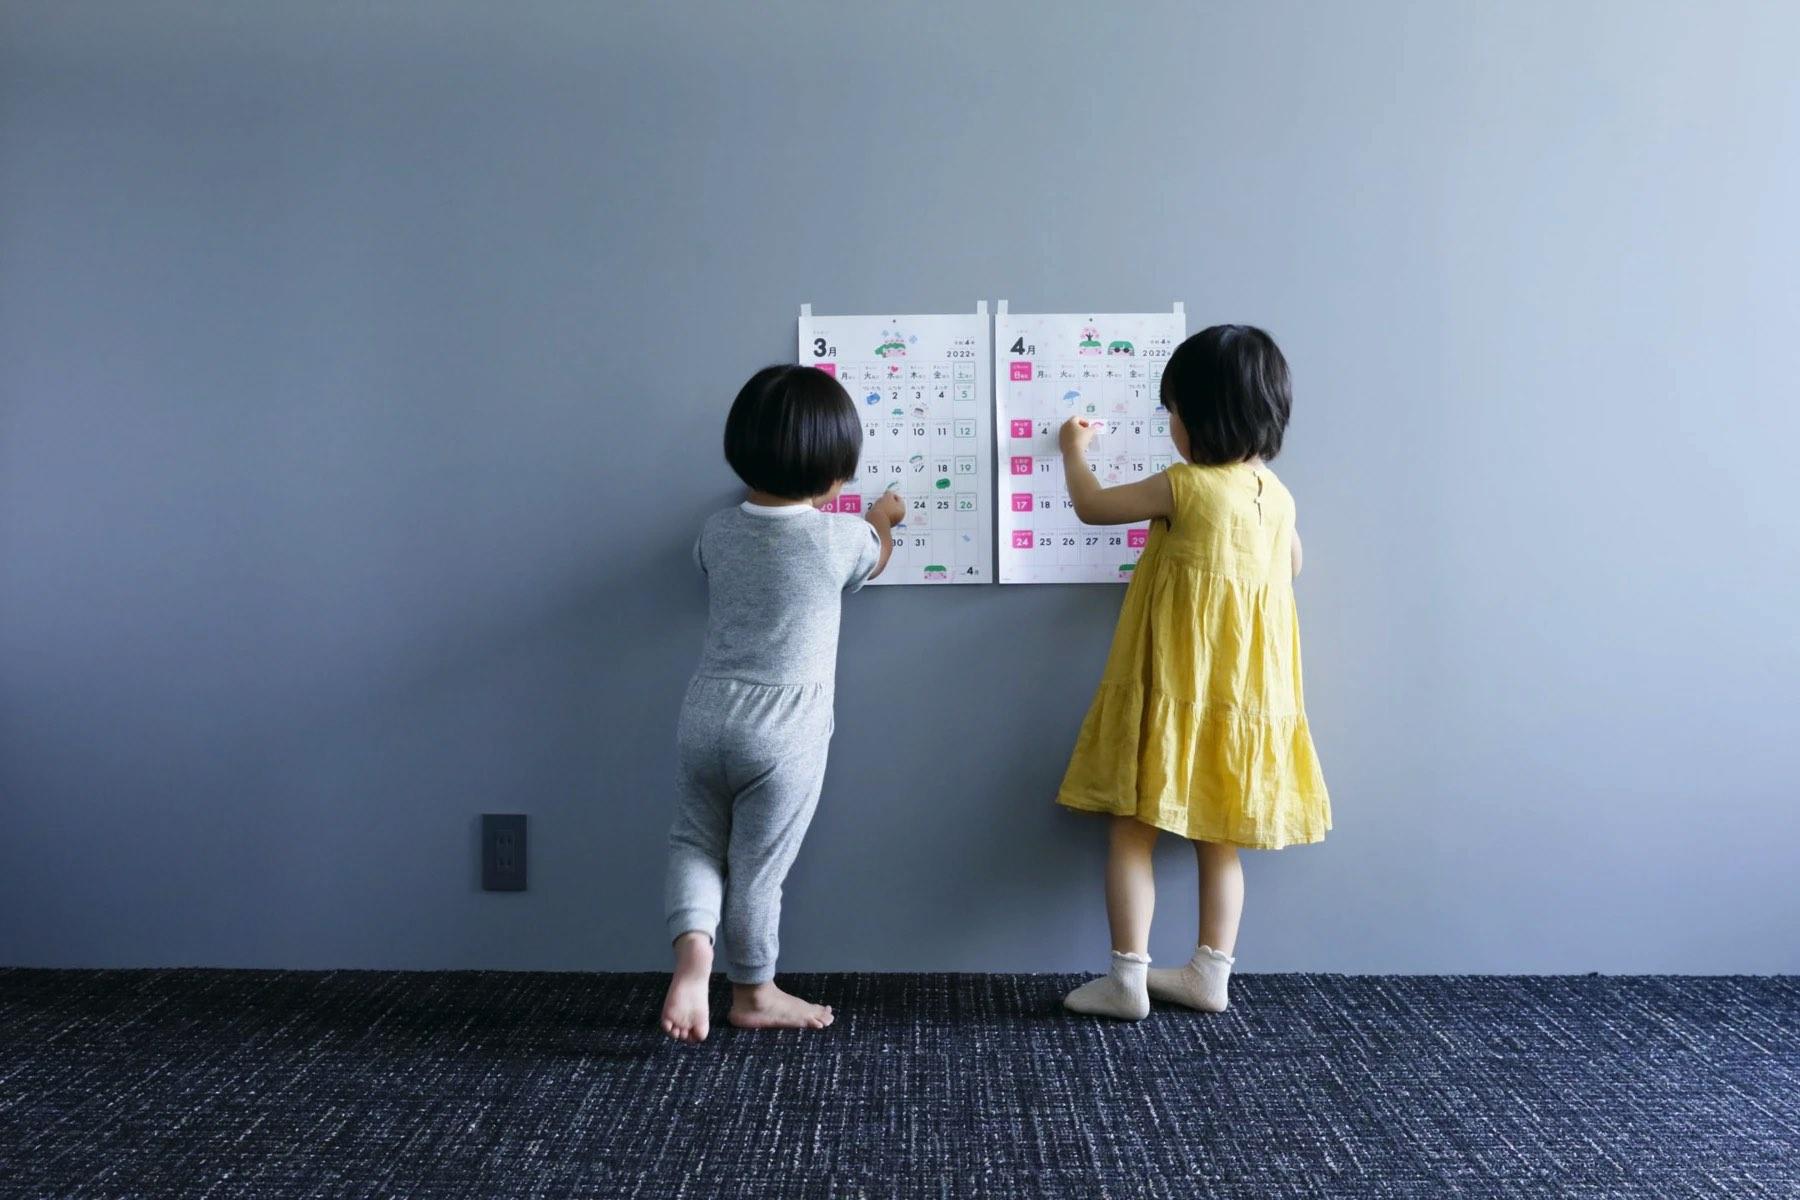 ひらがなを覚えはじめた子供も使える、おしゃれなこどもカレンダー2022年版